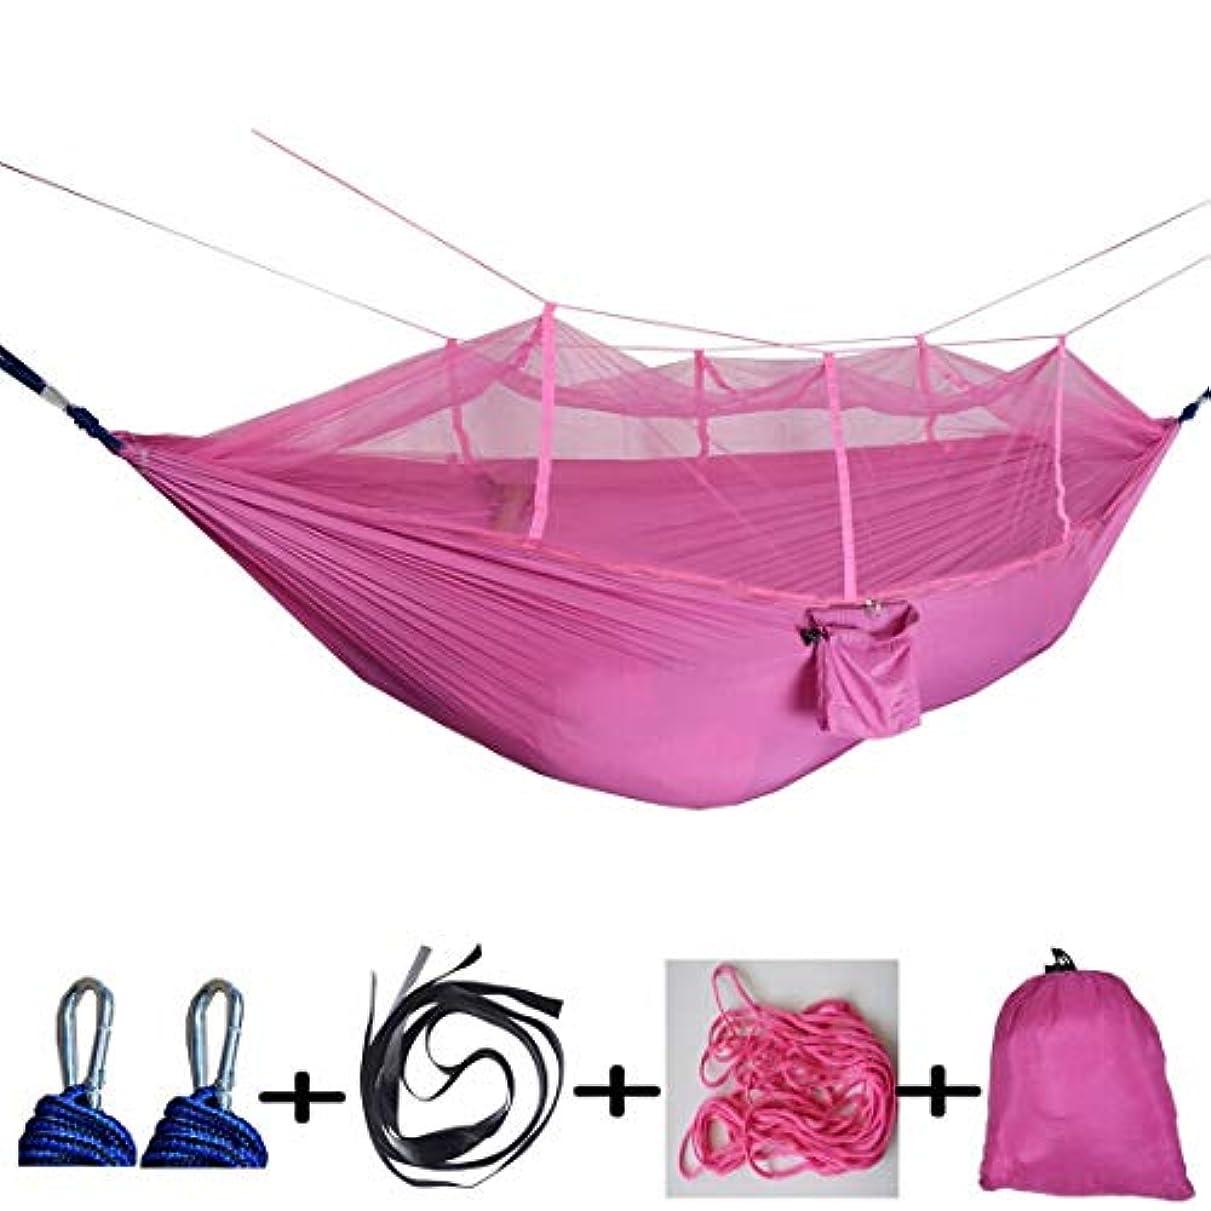 熟すプロトタイプ彼はMadalena アウトドア用品シングルダブル多機能パラシュート布スイングハンモック蚊帳ハンモック (Color : 1)